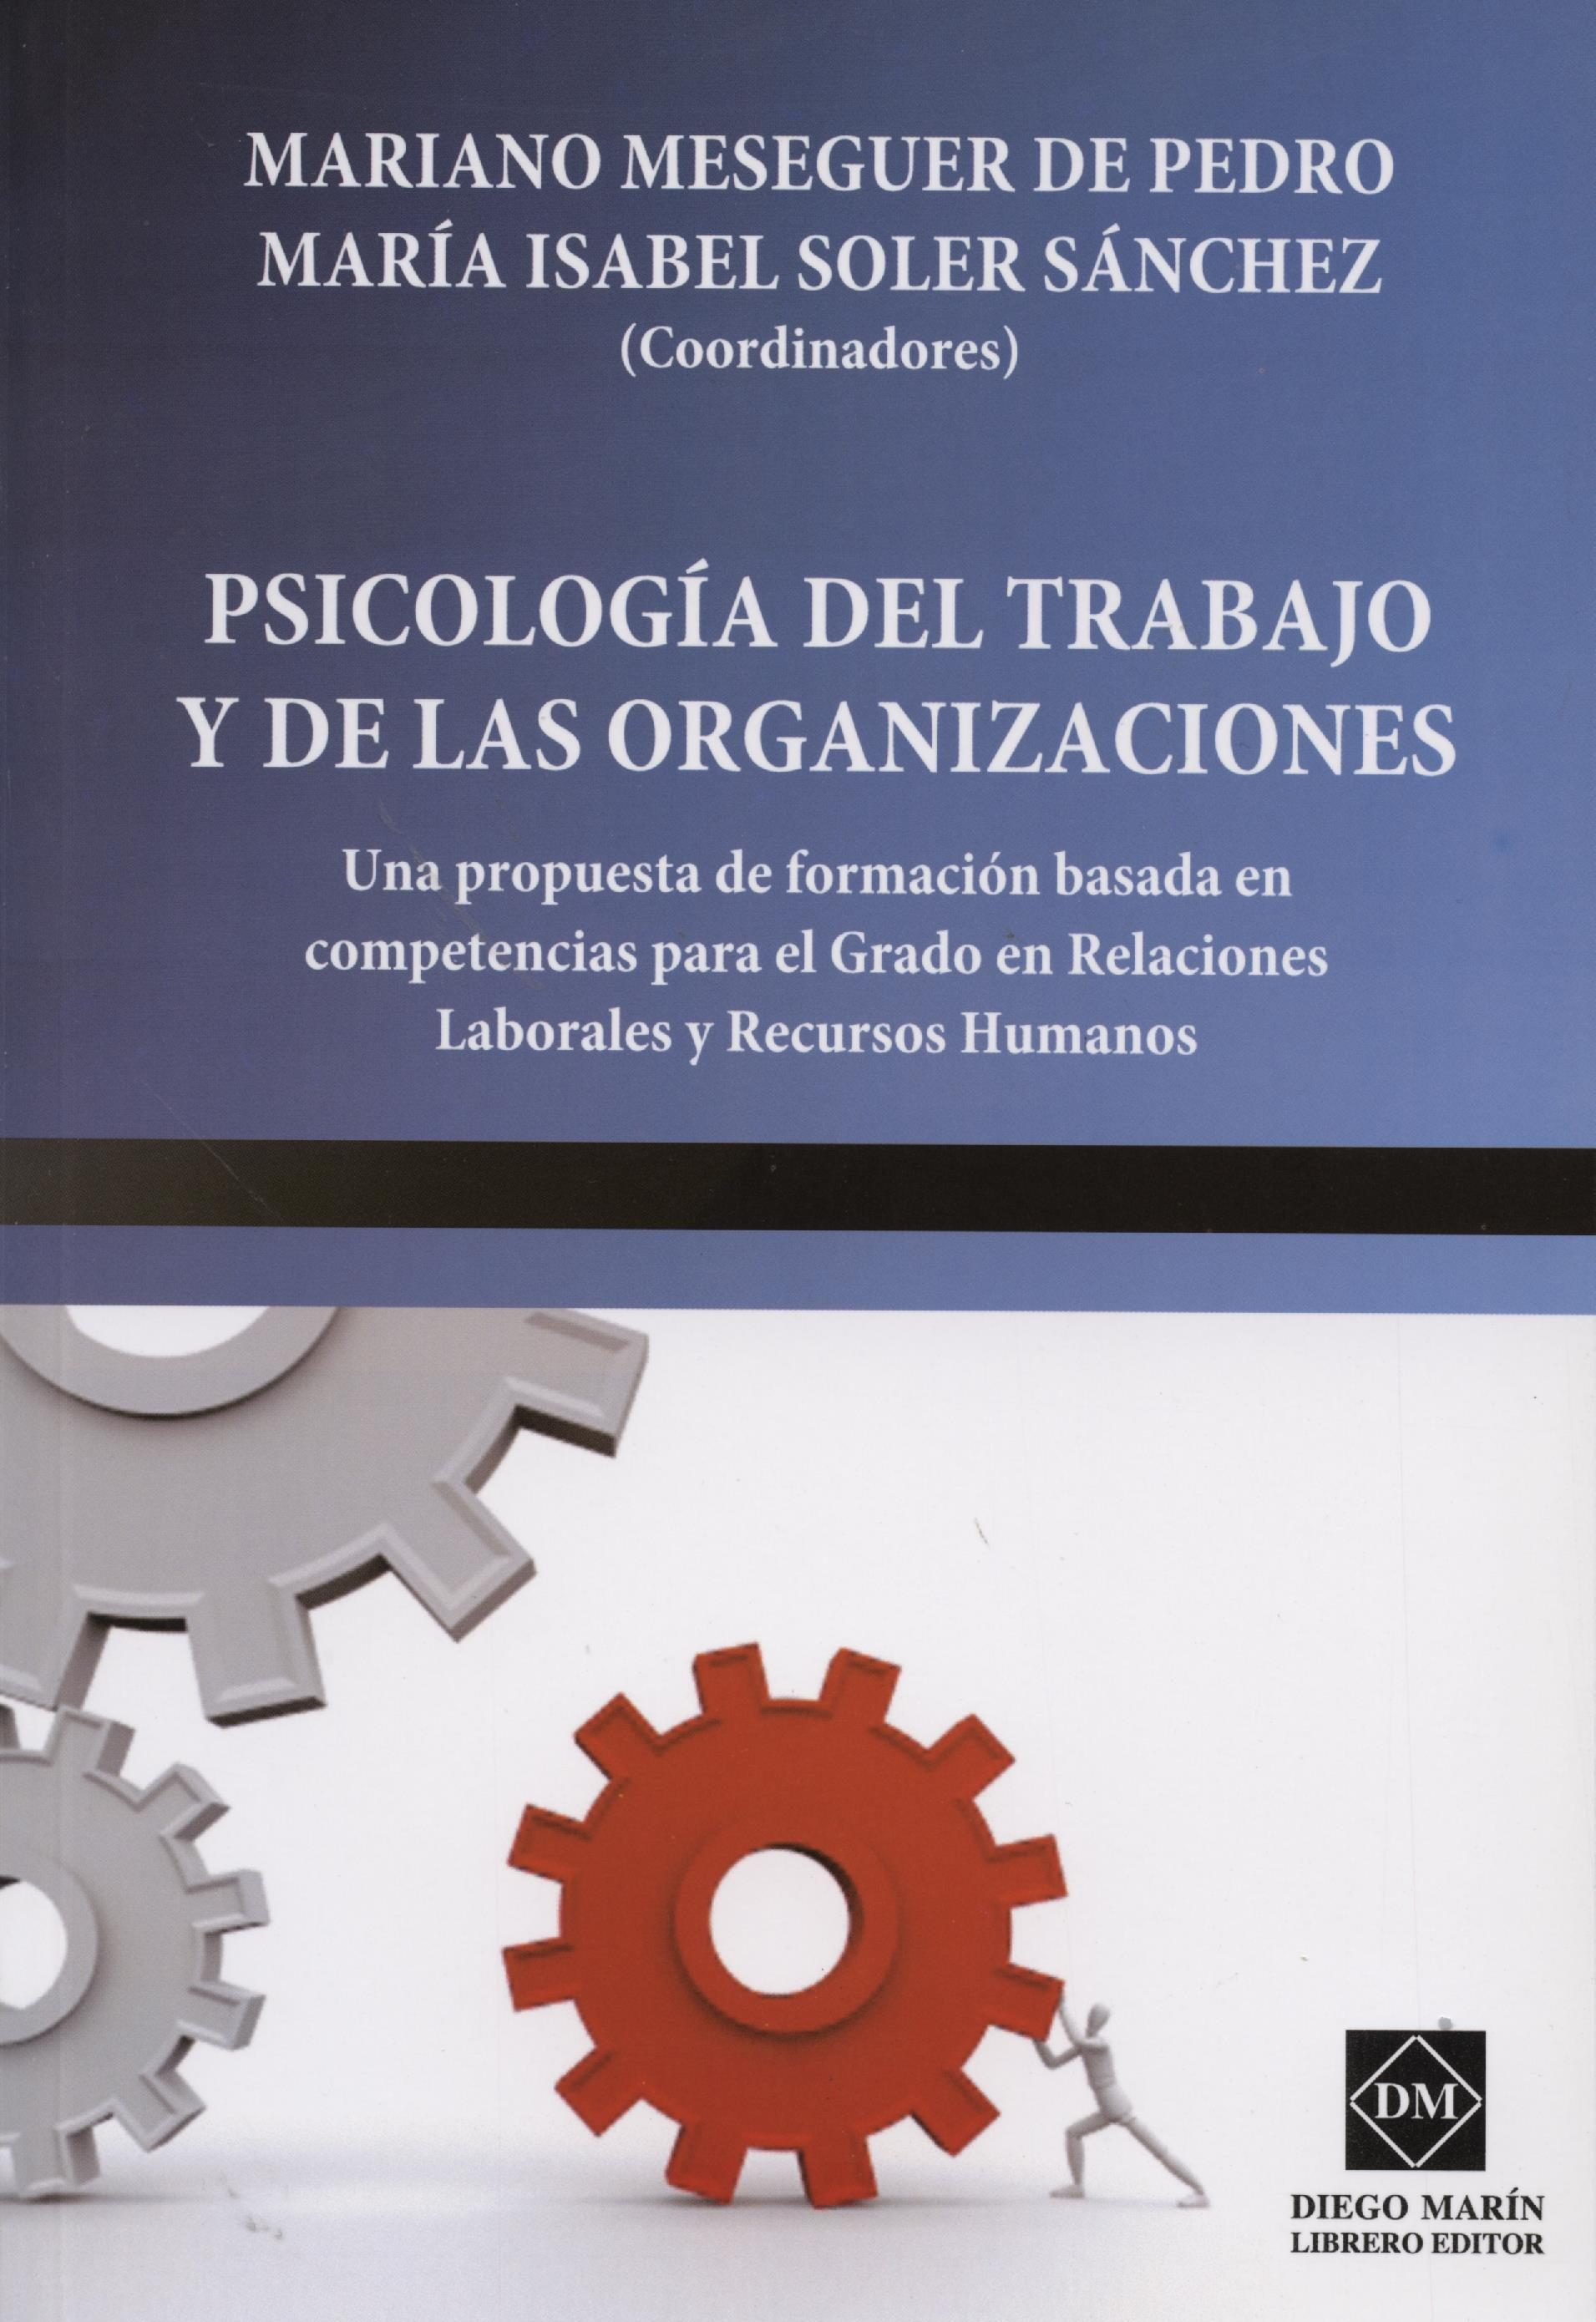 Psicologia Del Trabajo Y De Las Organizaciones (2ª Ed) por Mariano Meseguer De Pedro